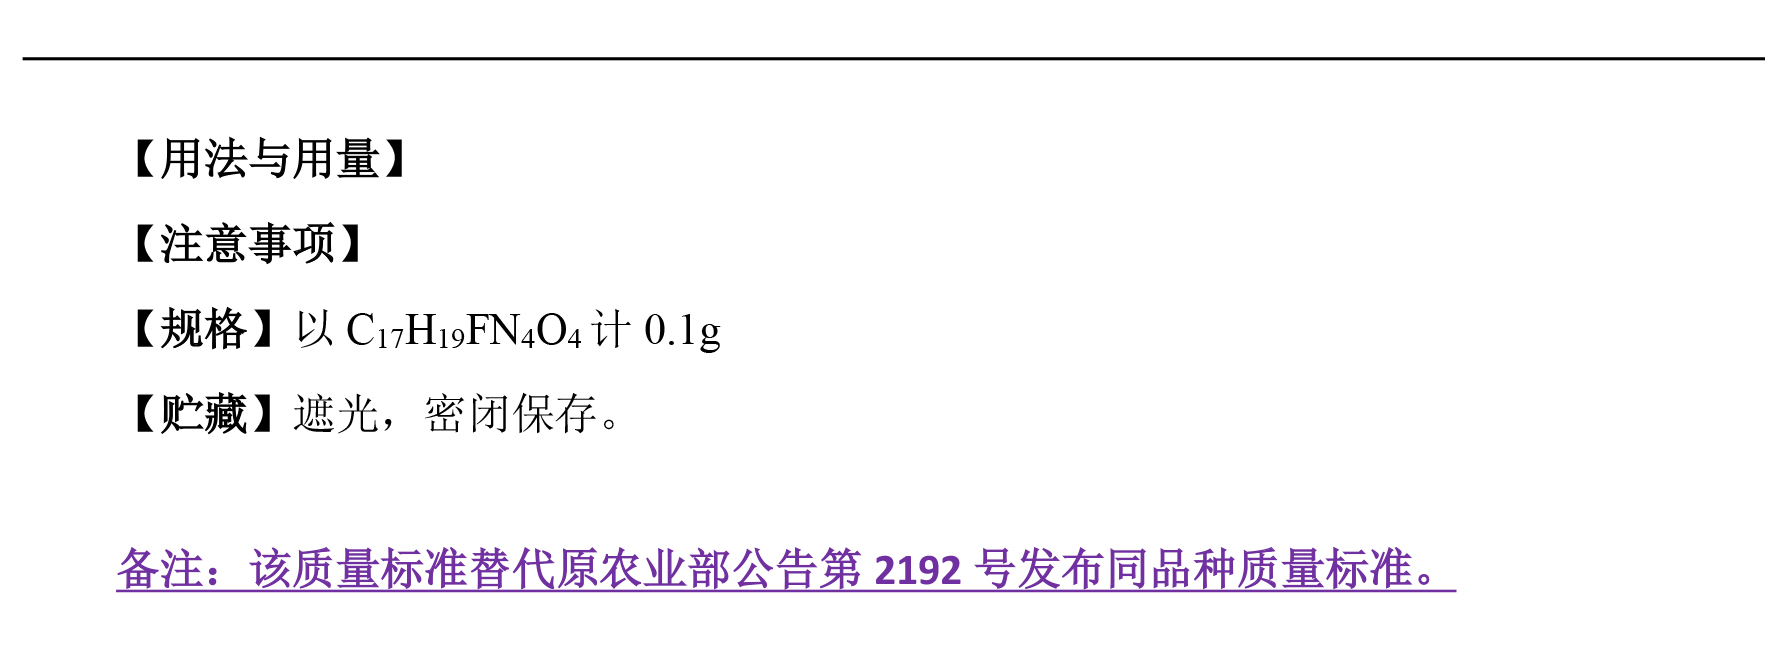 中国兽药典委员会办公室关于2019年第二批兽药国家标准制修订草案的公示